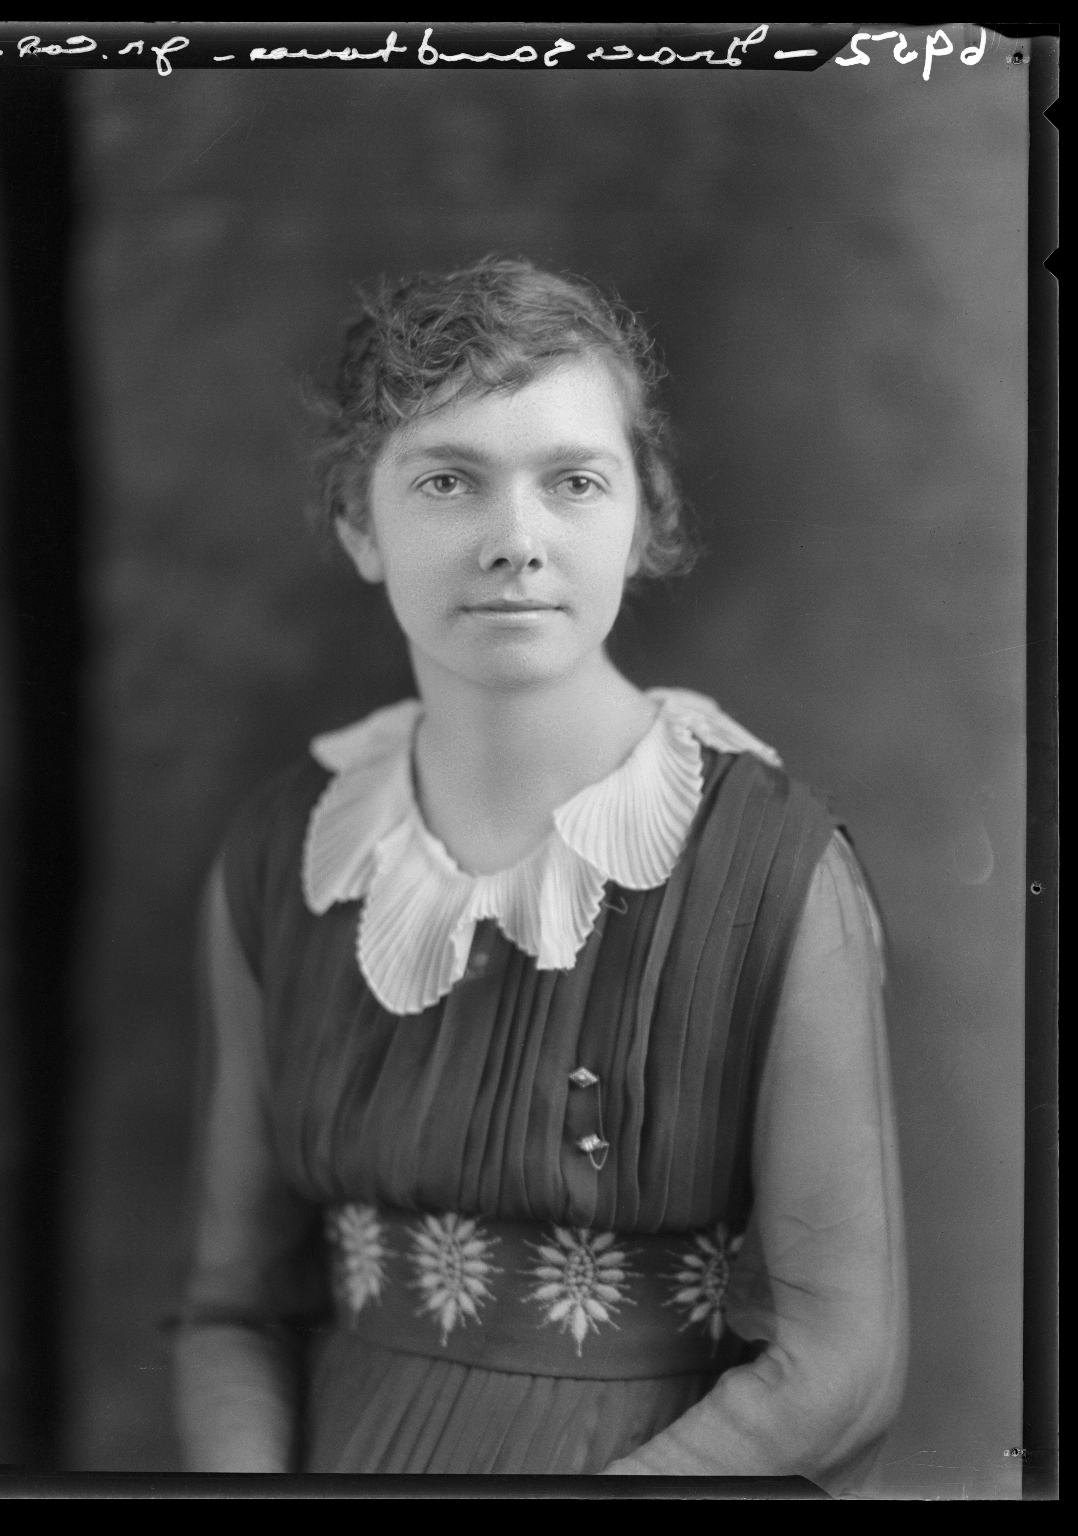 Portraits of Grace Sandhouse